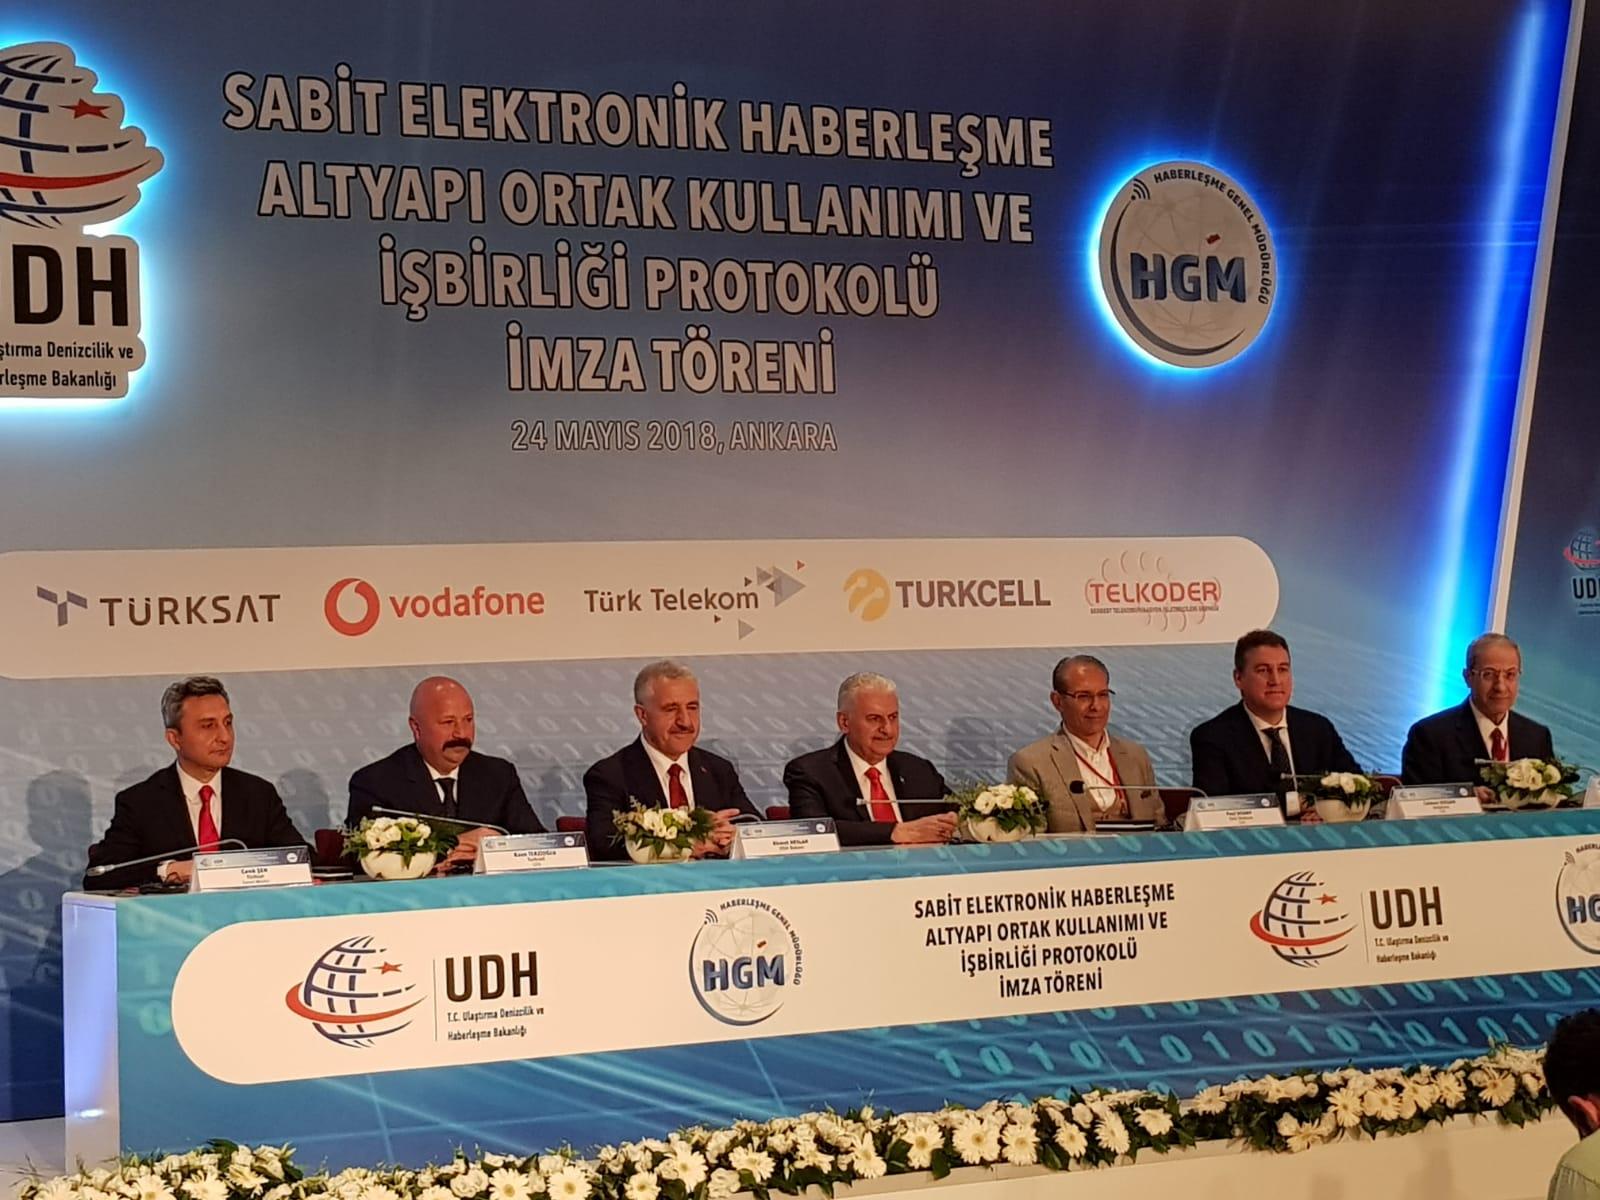 Sabit Elektronik Haberleşme Altyapı Ortak Kullanımı ve İşbirliği Protokolü İmza Törenindeydik